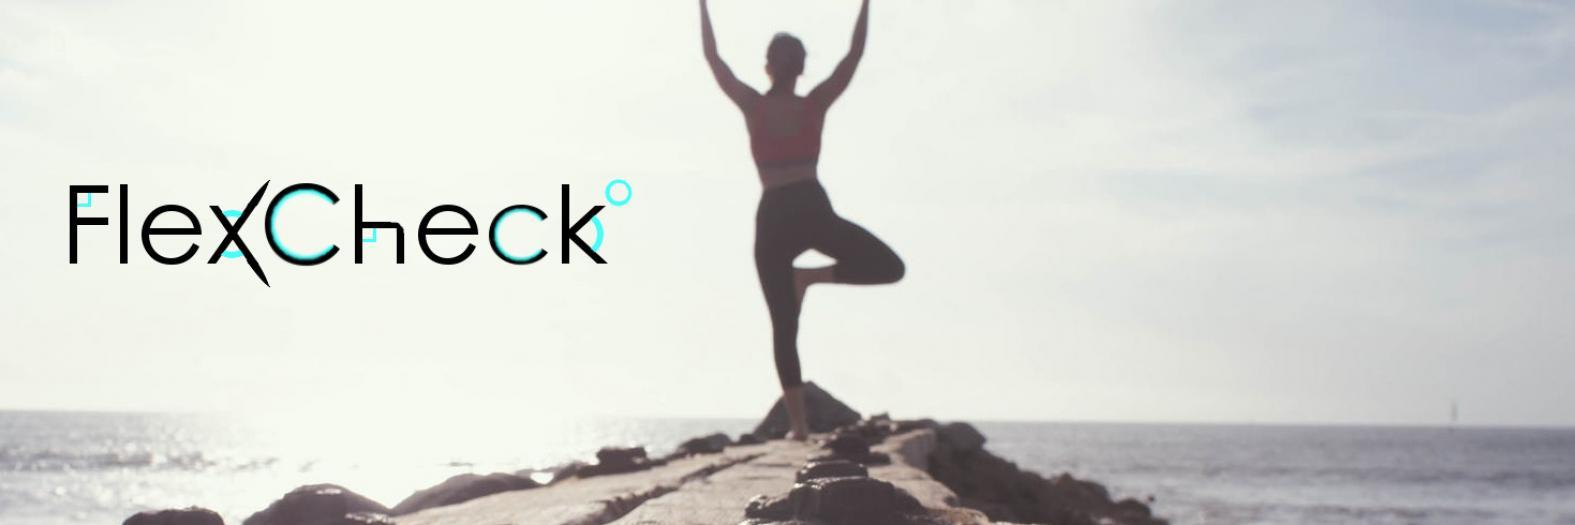 FlexCheck Banner